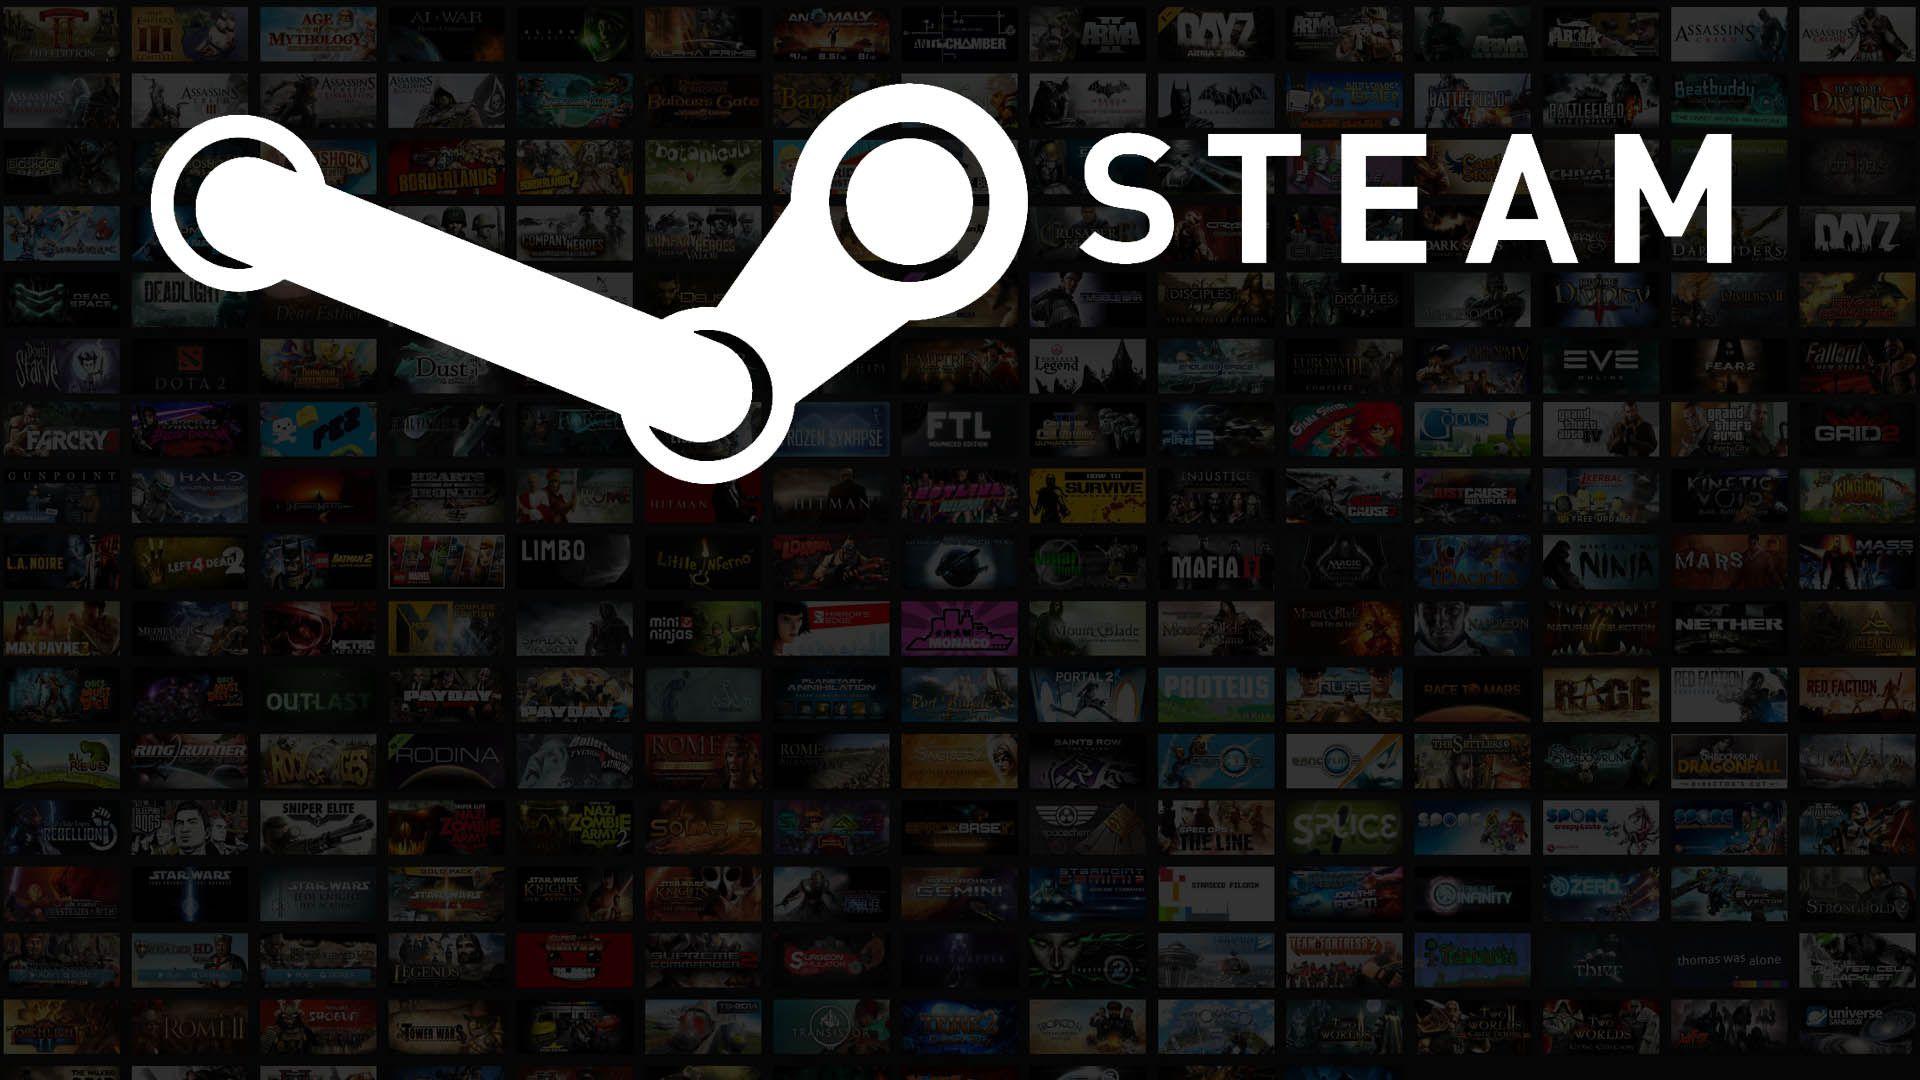 buy-steam-5-tl-wallpaper.jpg